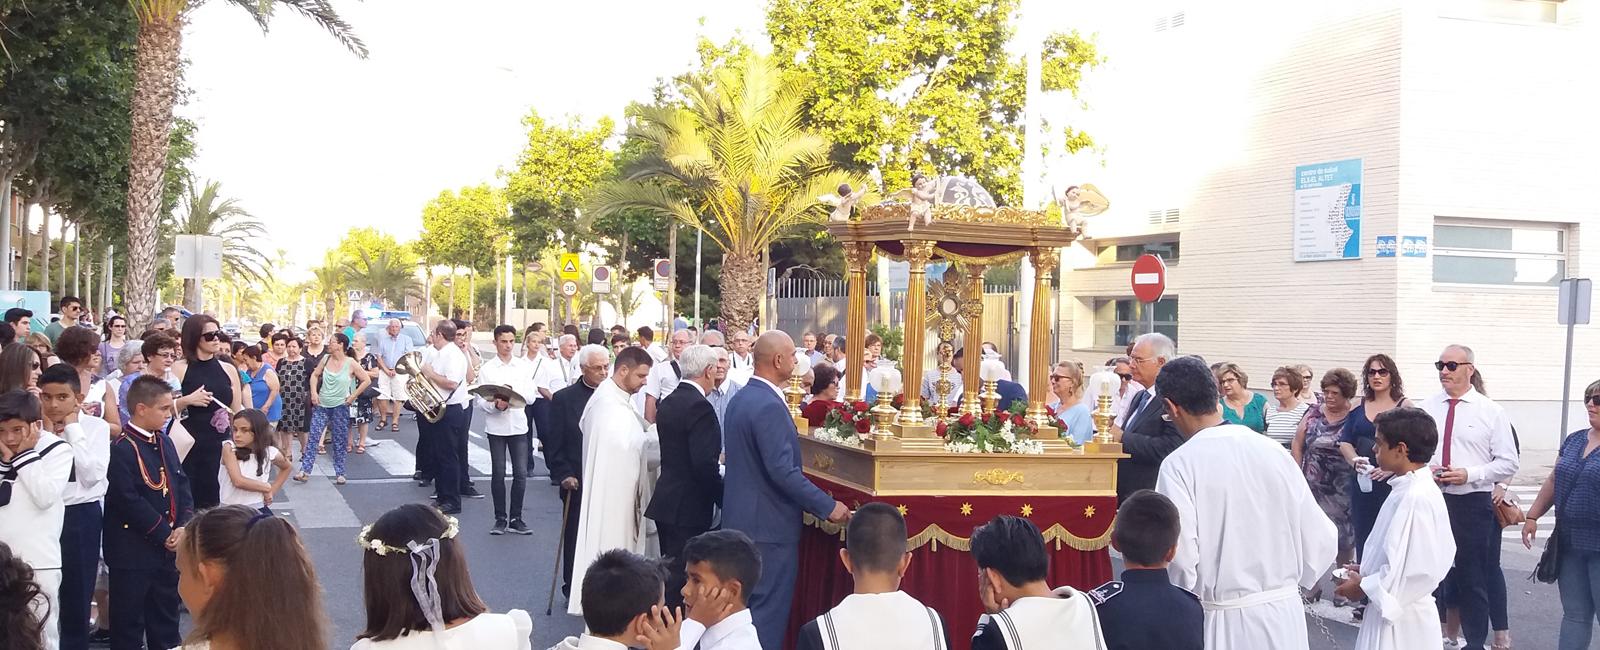 Parroquia El Altet - Procesión del Corpus Christi